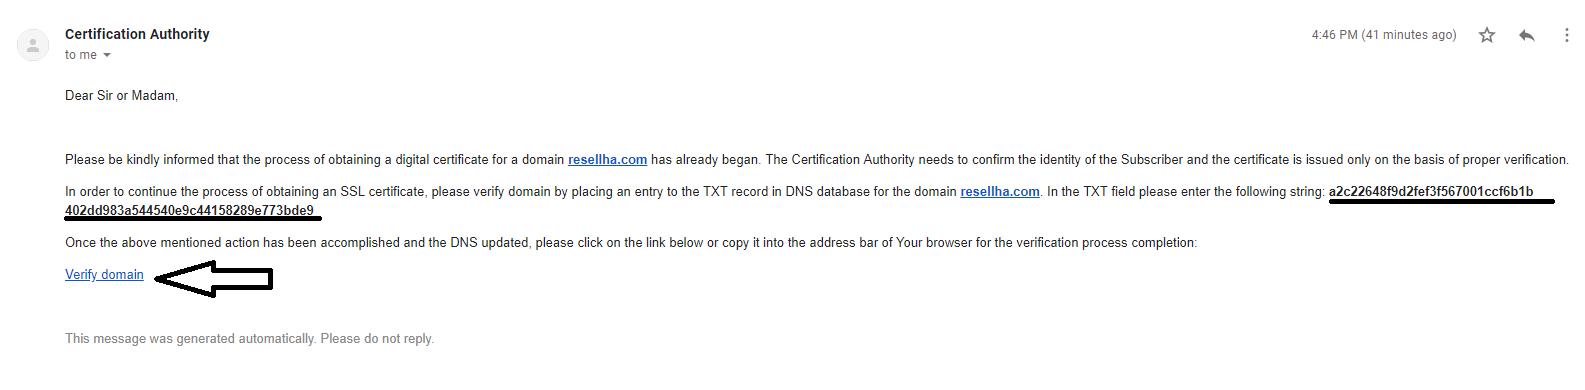 خرید و فعال سازی گواهی SSL دامنه های ir